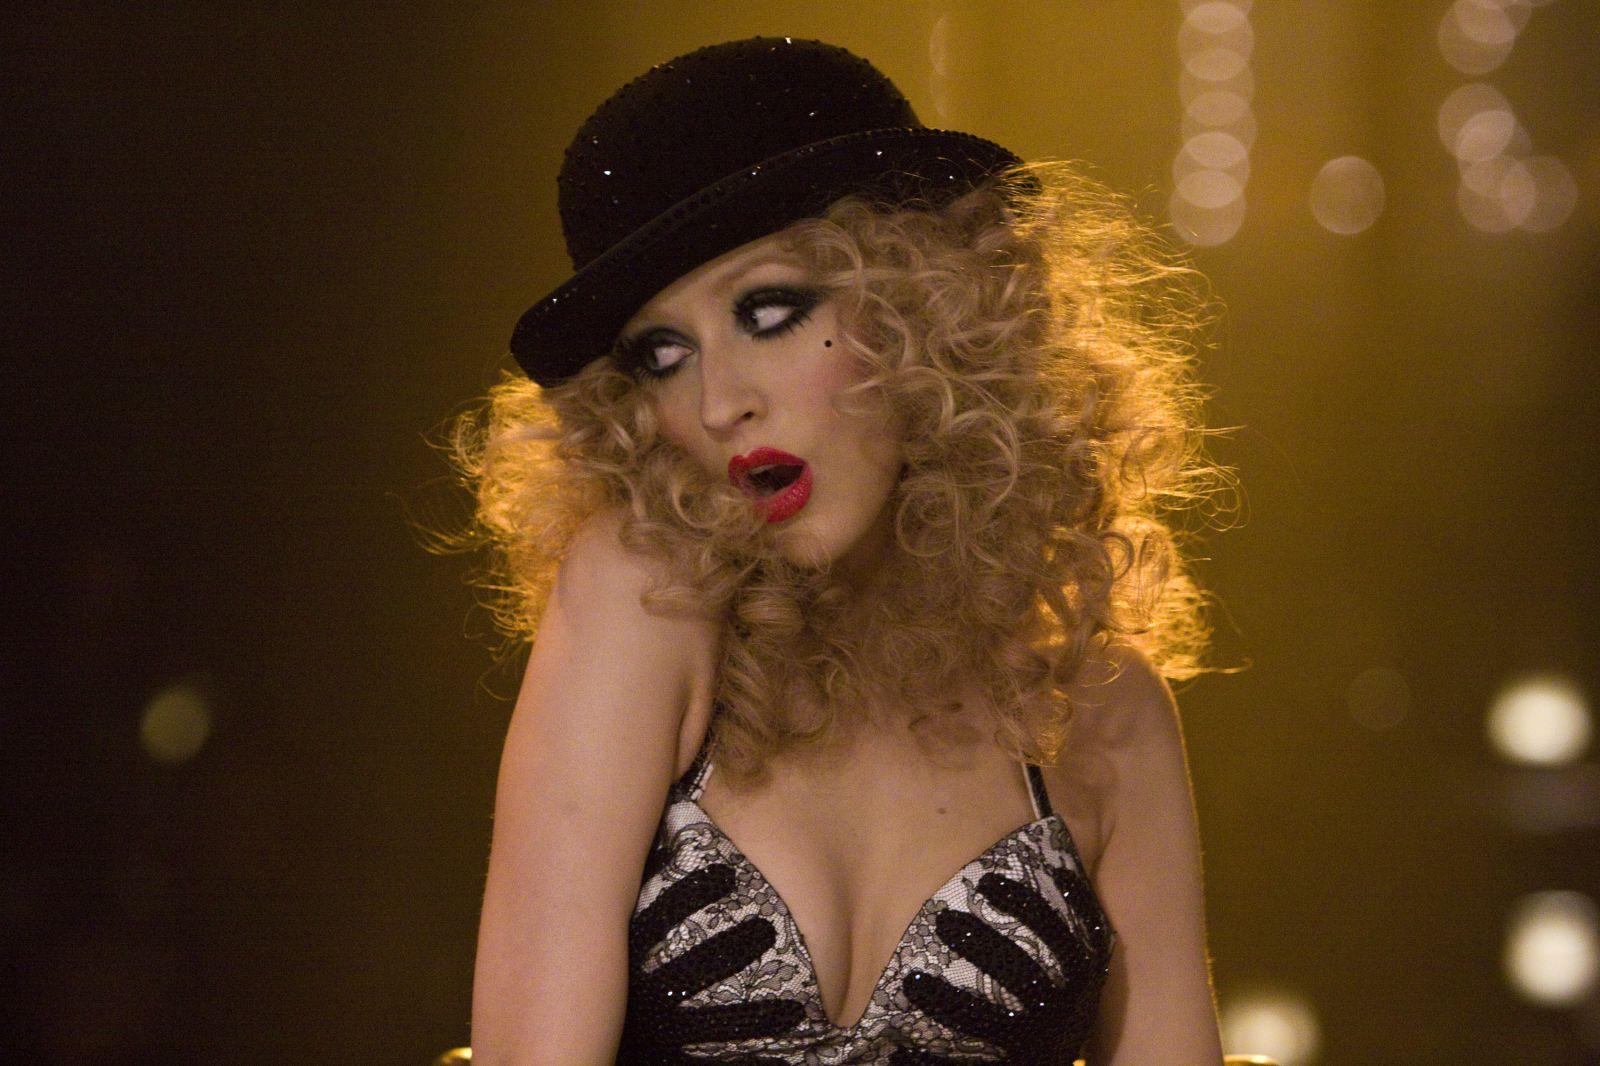 http://4.bp.blogspot.com/_j7CBBTUIT5g/TSZ3UnJNICI/AAAAAAAAByg/kNACaqo0q54/s1600/2010_burlesque_010.jpg